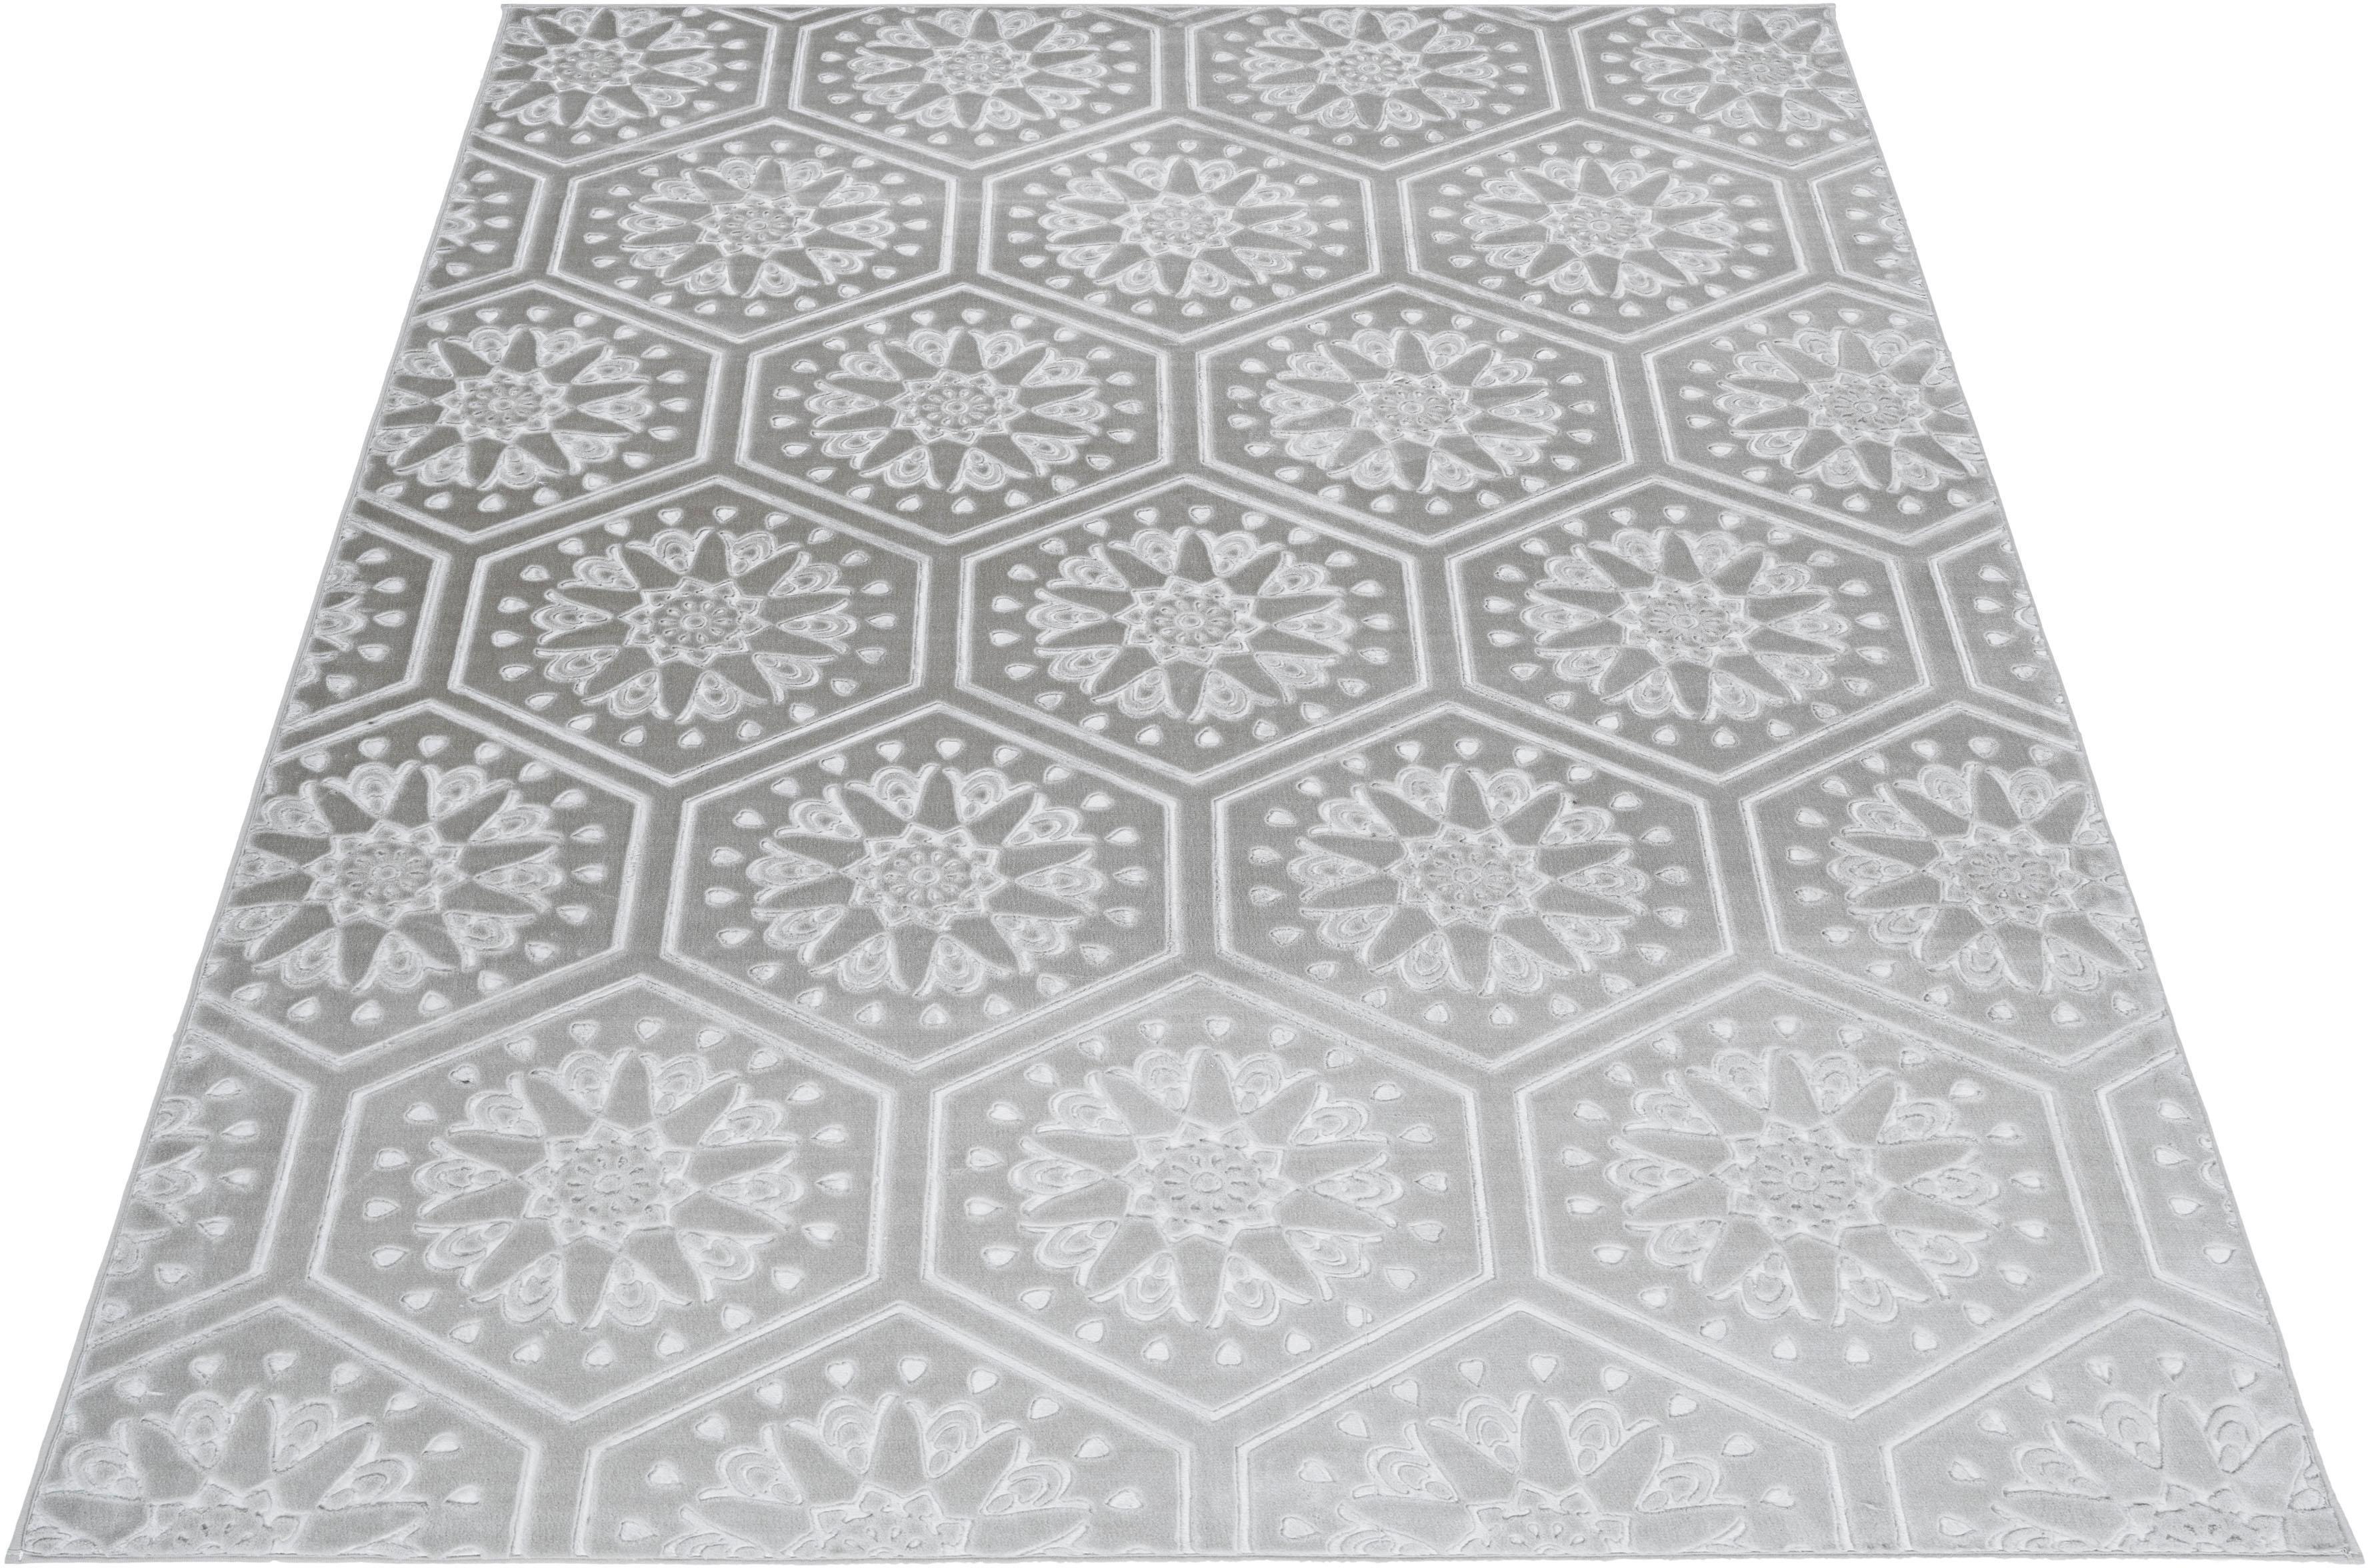 Teppich Stina my home rechteckig Höhe 7 mm Naturprodukt